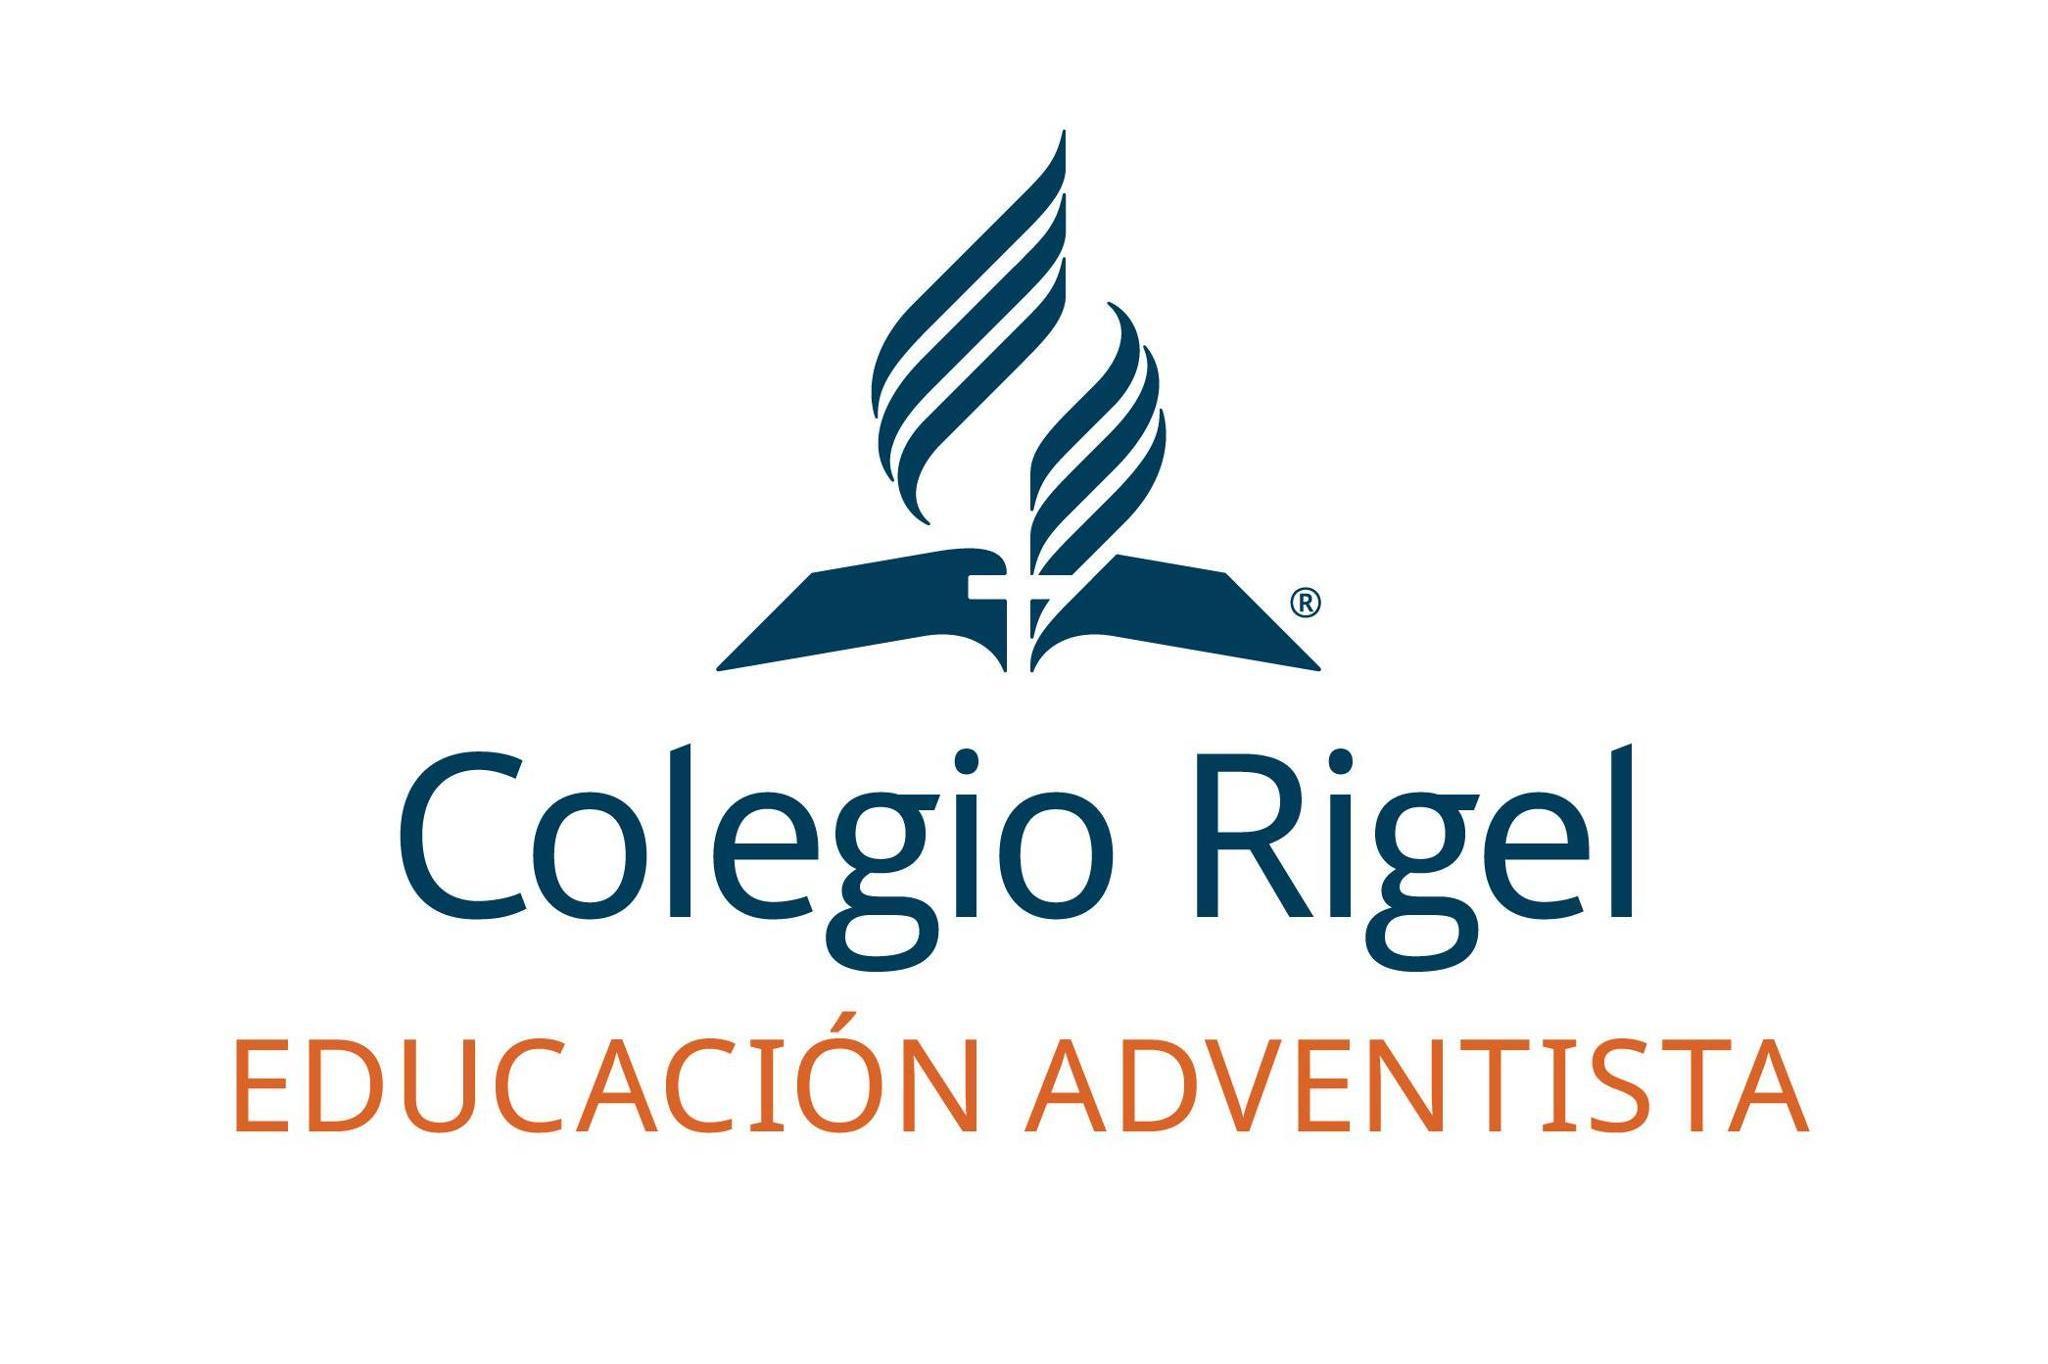 Colegio Rigel ¡Conviértete en nuestro patrocinador de Educación Adventista!